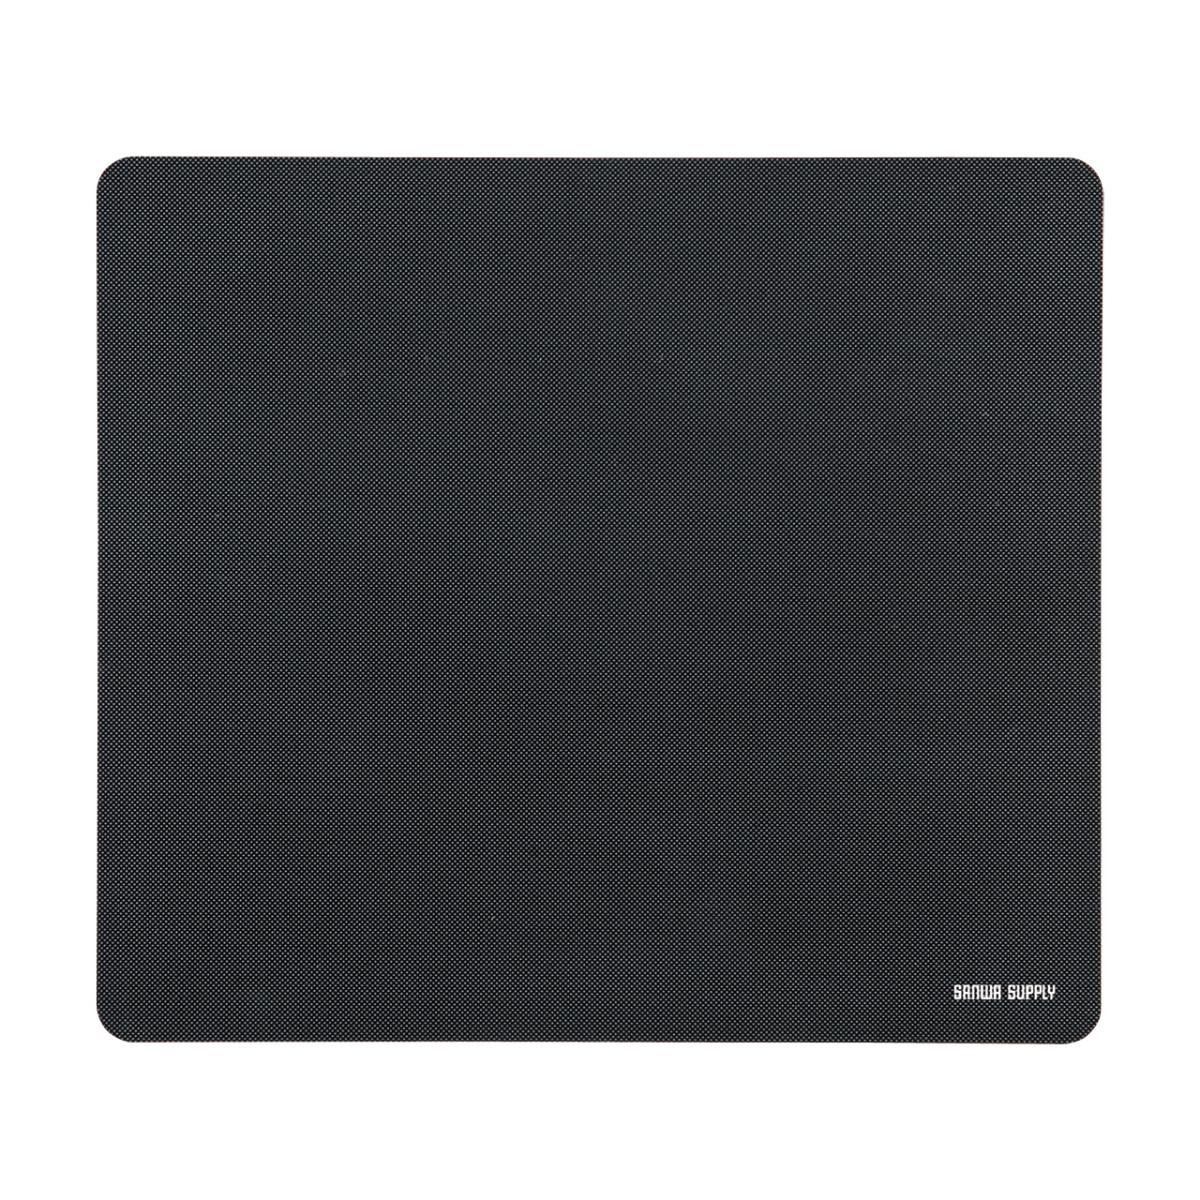 [MPD-EC30BK] エコマウスパッド (ブラック)